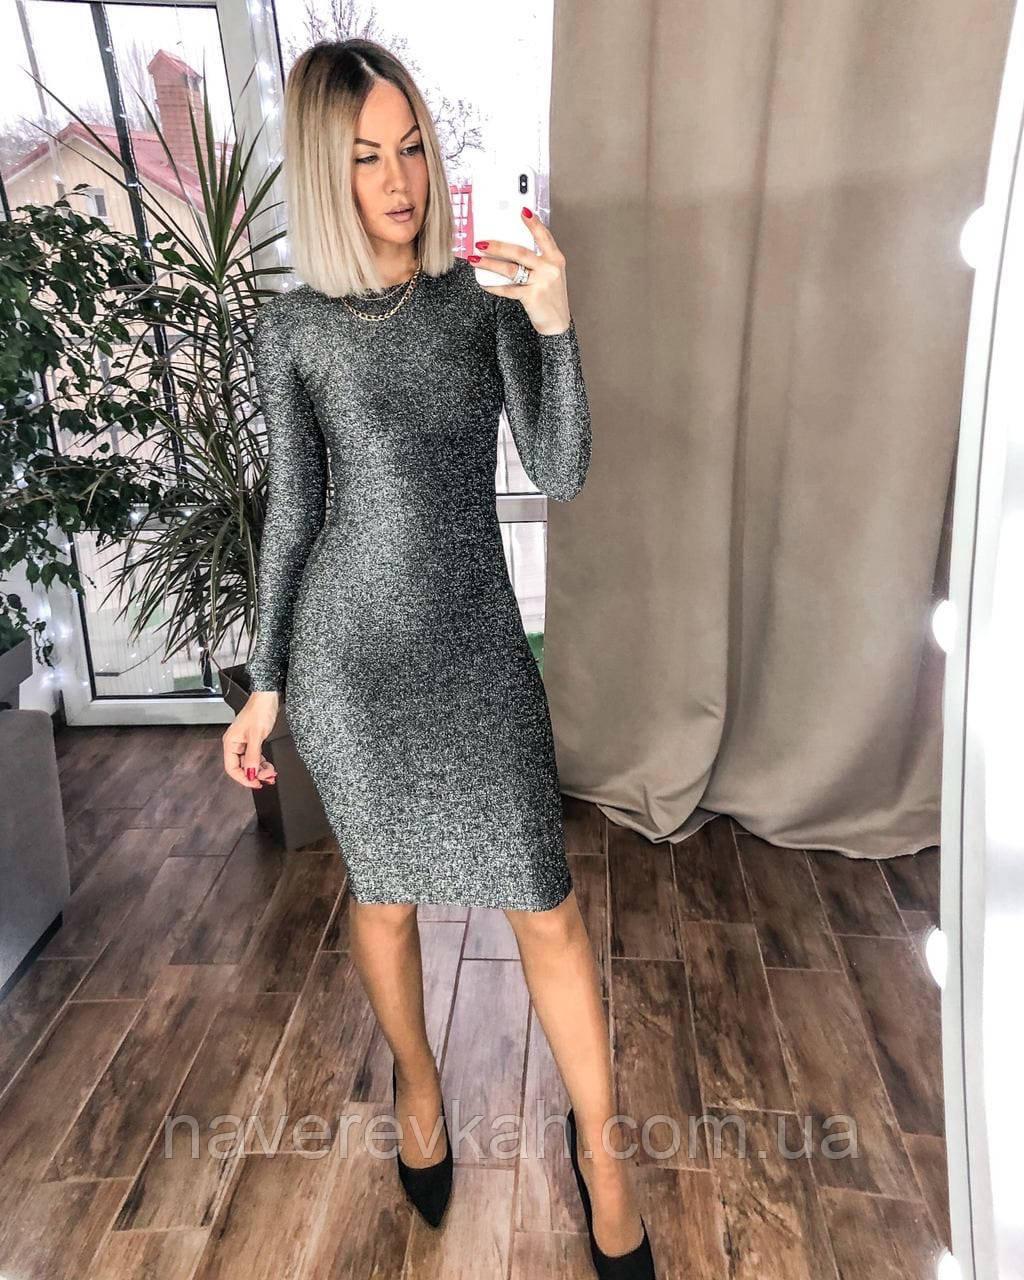 Женское новогоднее платье облегающее черное серебро нарядное 42-44 46-48 на новый год с люрекса хит